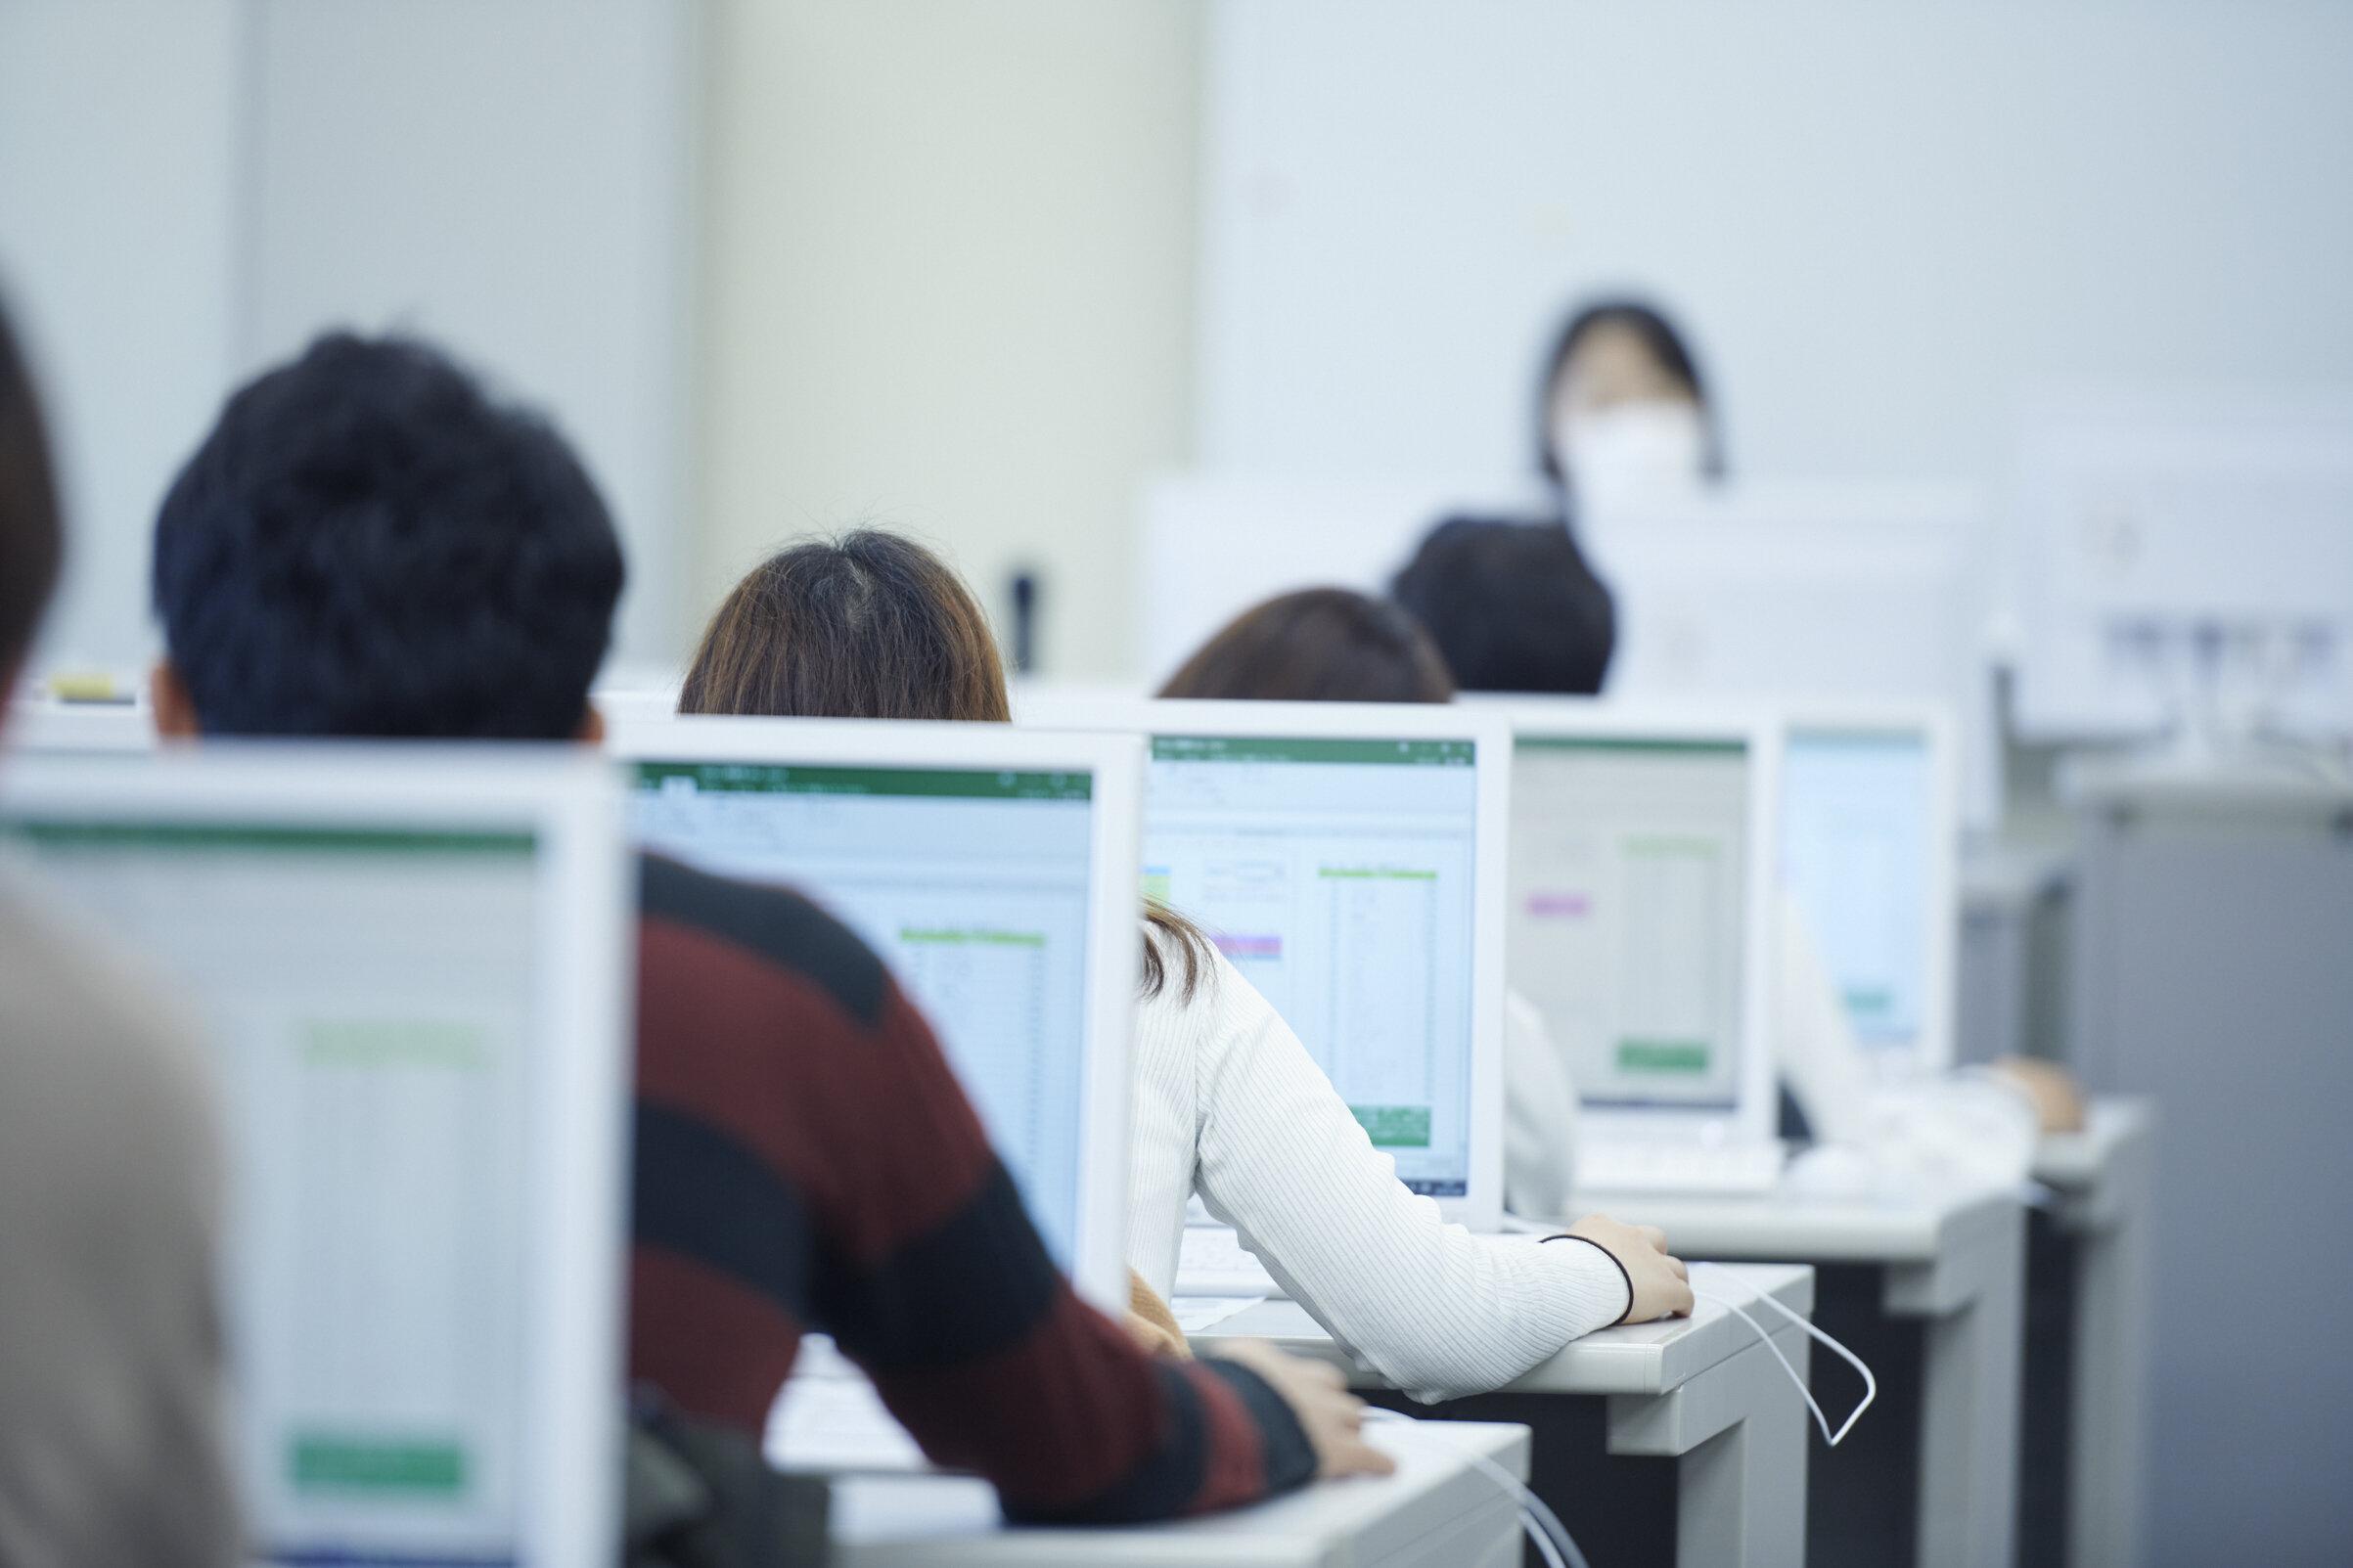 「数理・データサイエンス教育強化拠点コンソーシアム」の会員校(連携校)として加盟が承認されました